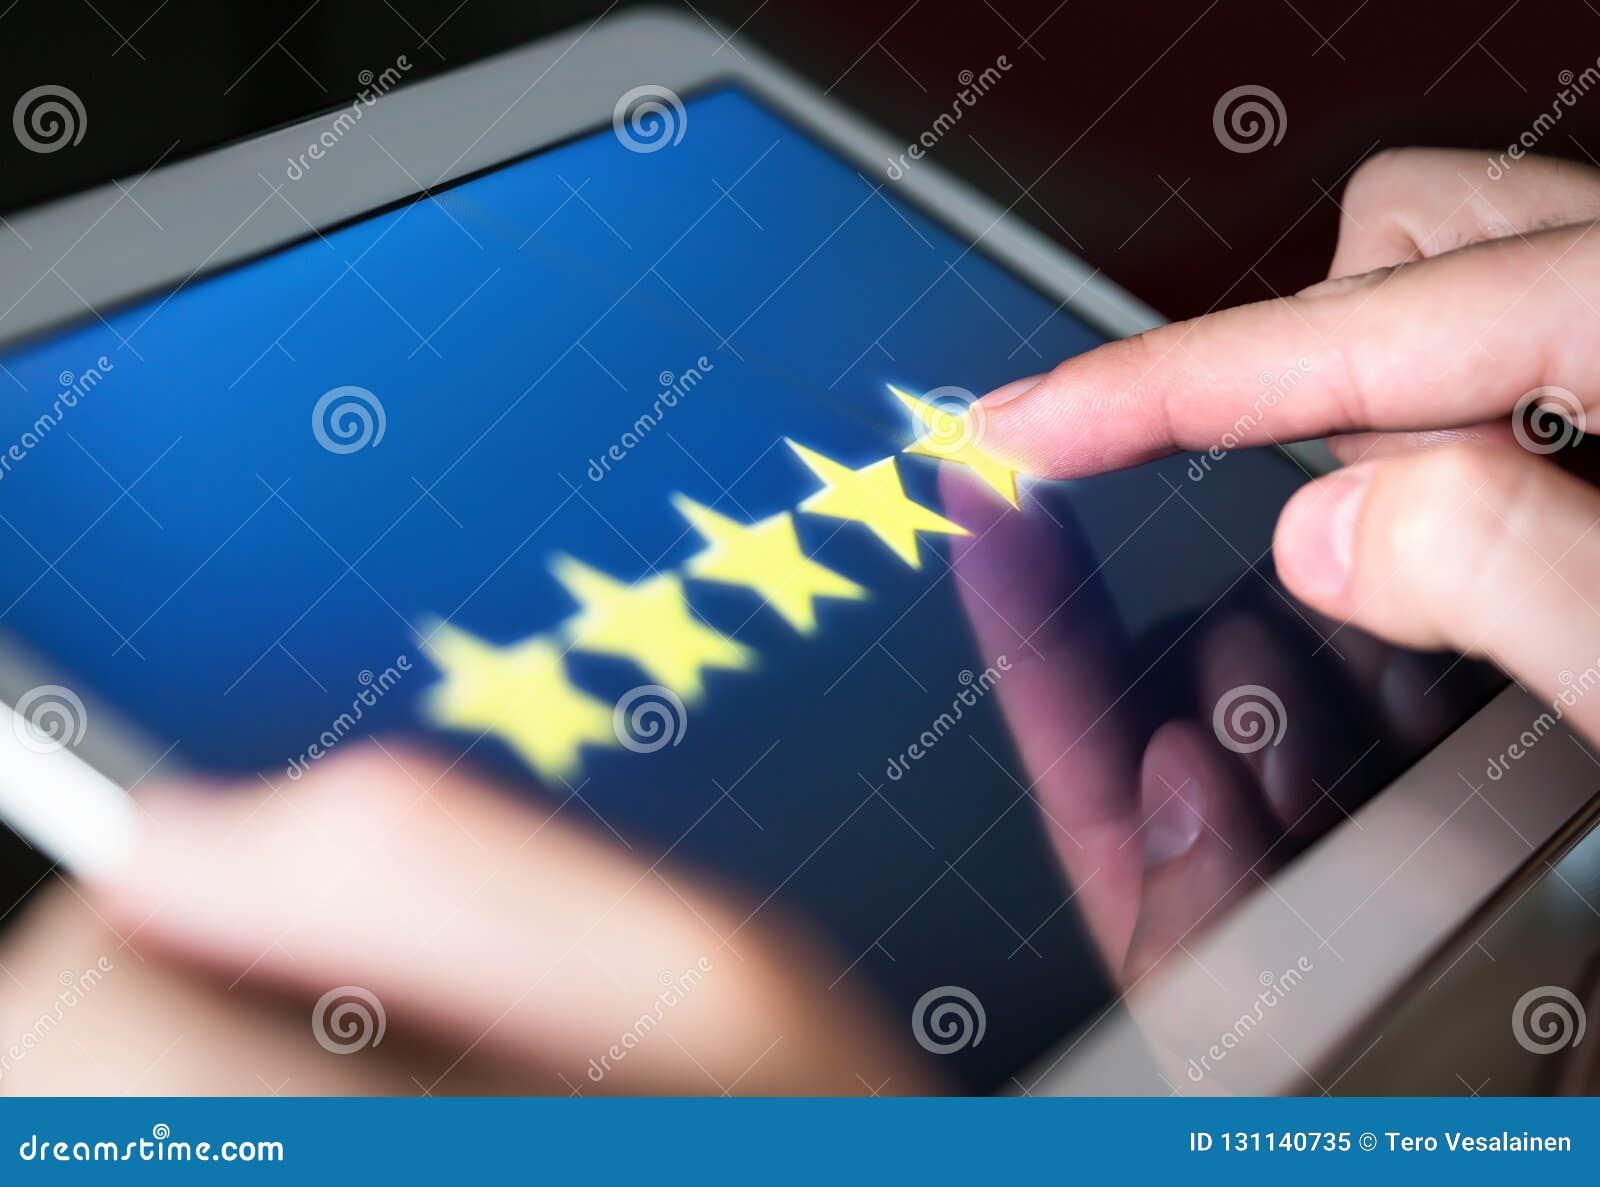 пятизвездочные оценка или обзор в исследовании удолетворения потребностей клиента обзора, списка избирателей, вопросника или